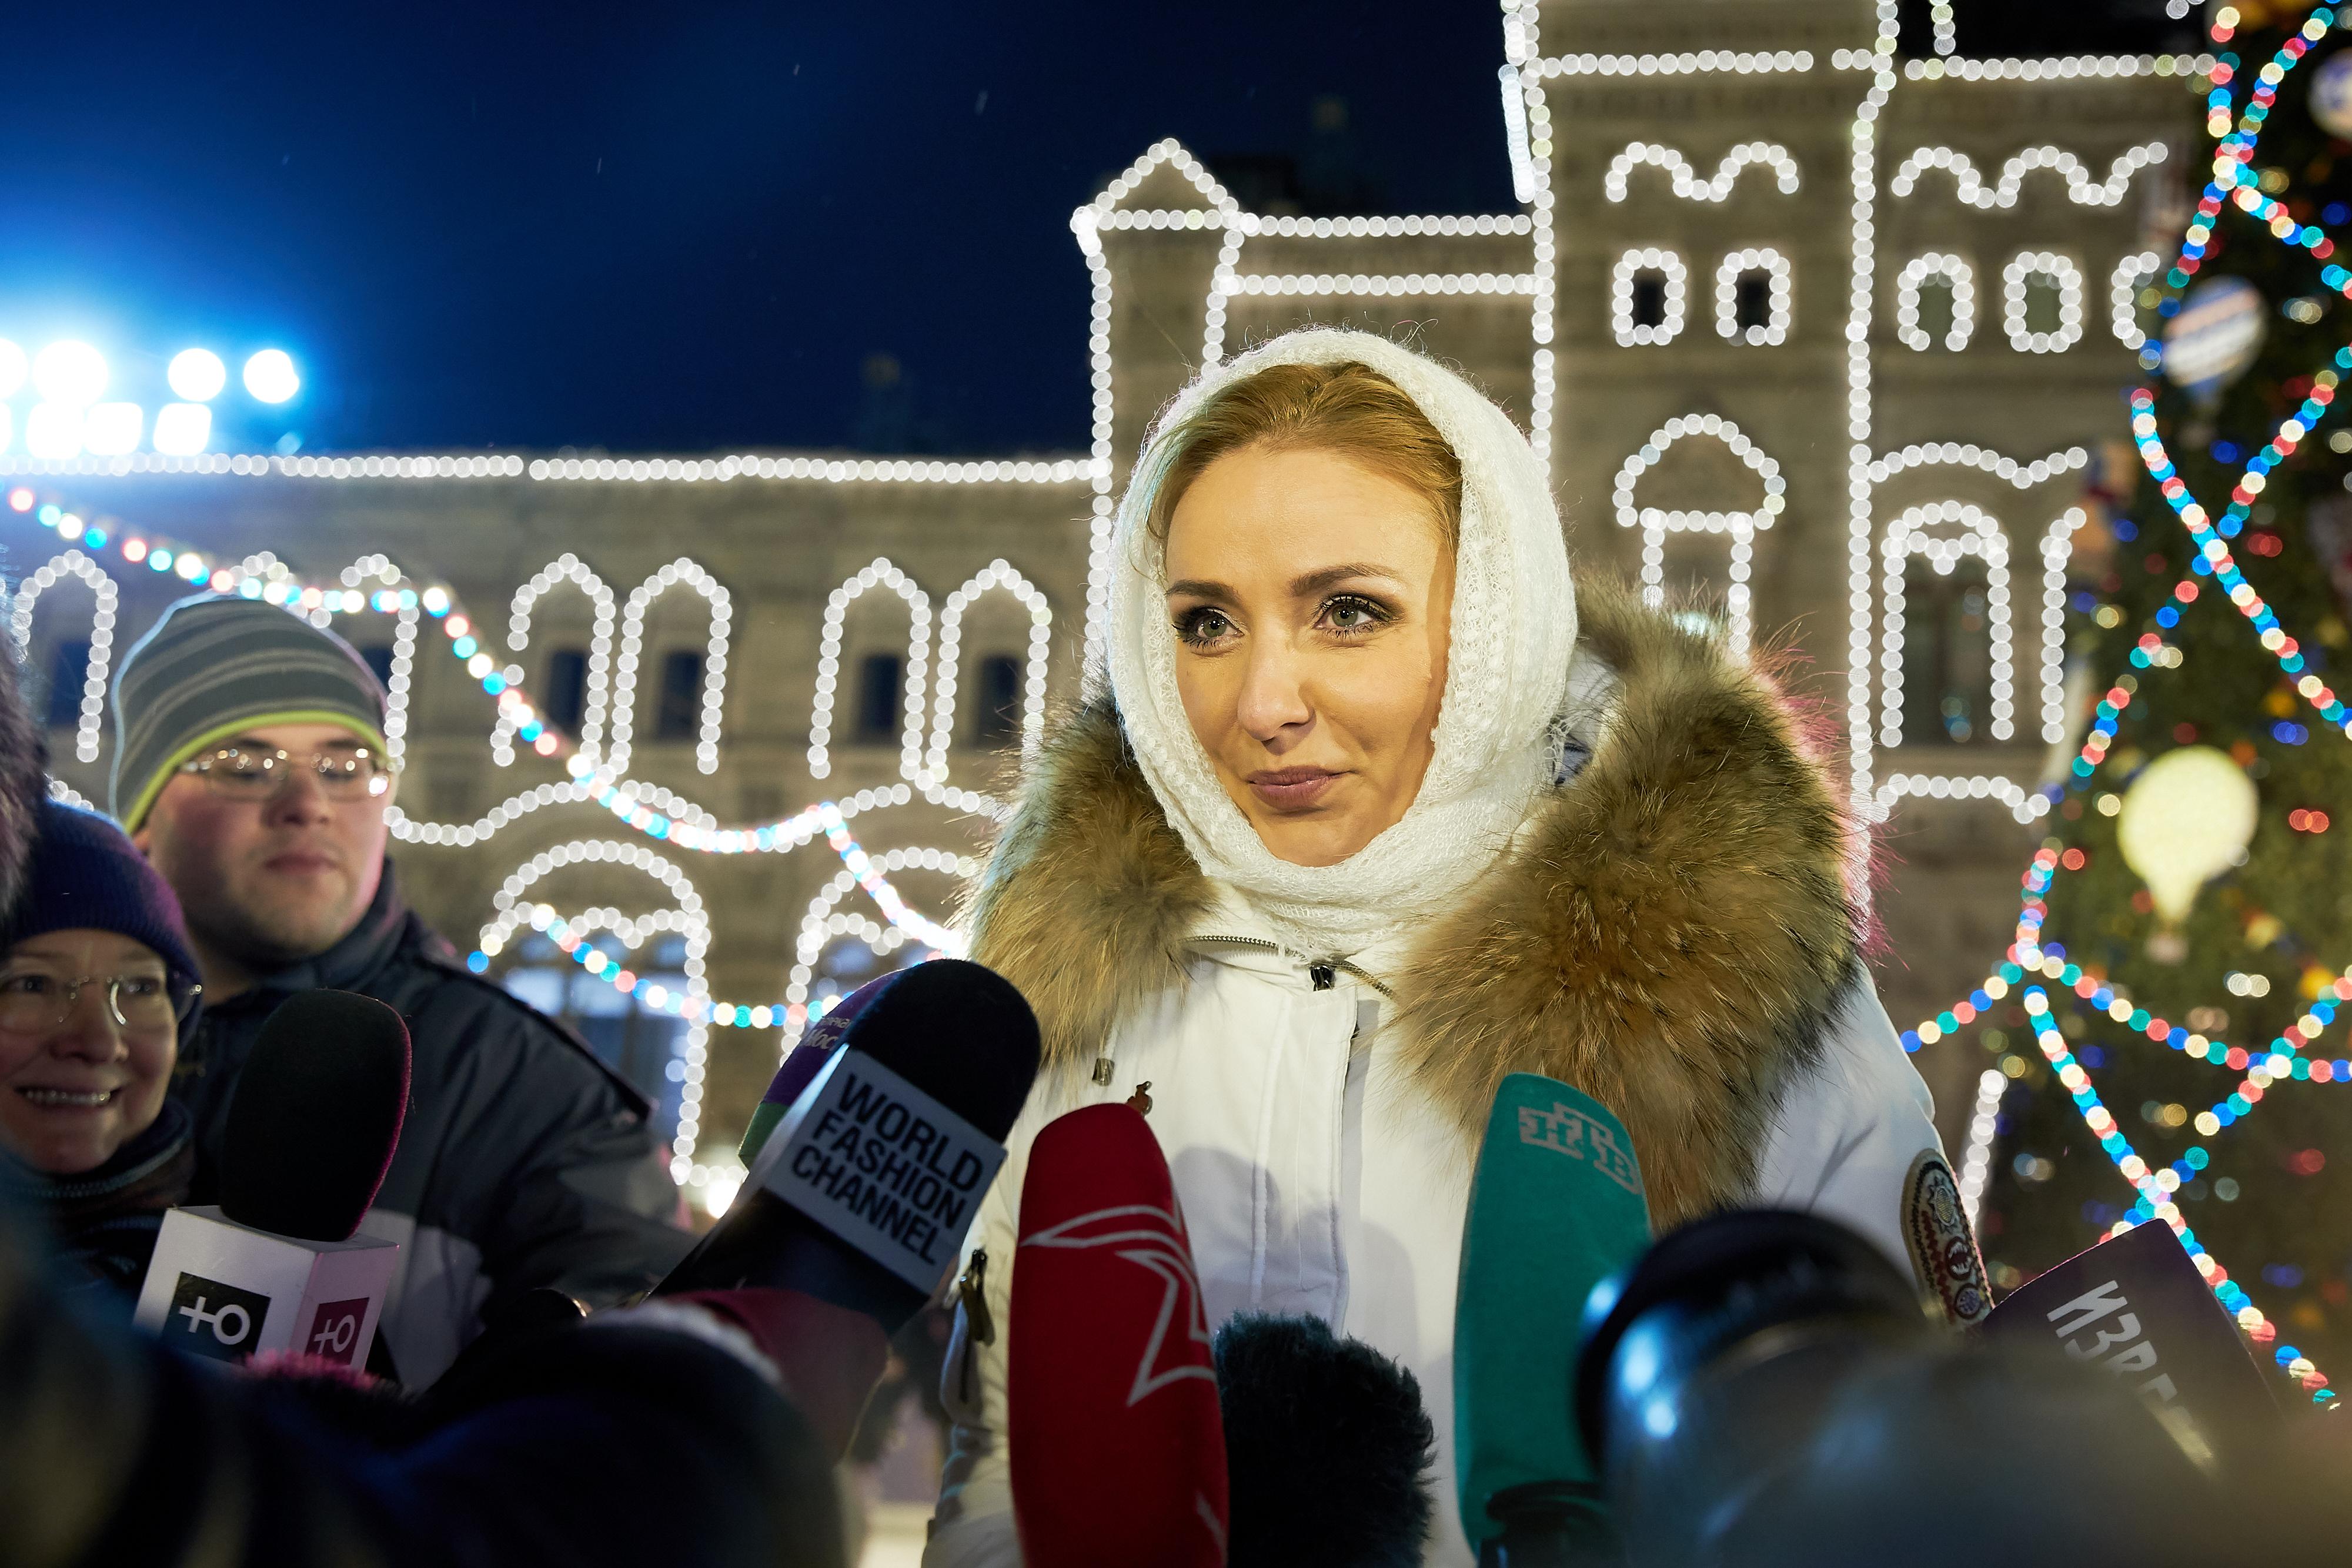 Открытие ГУМ-катка на Красной площади - Страница 4 741463e61ea1